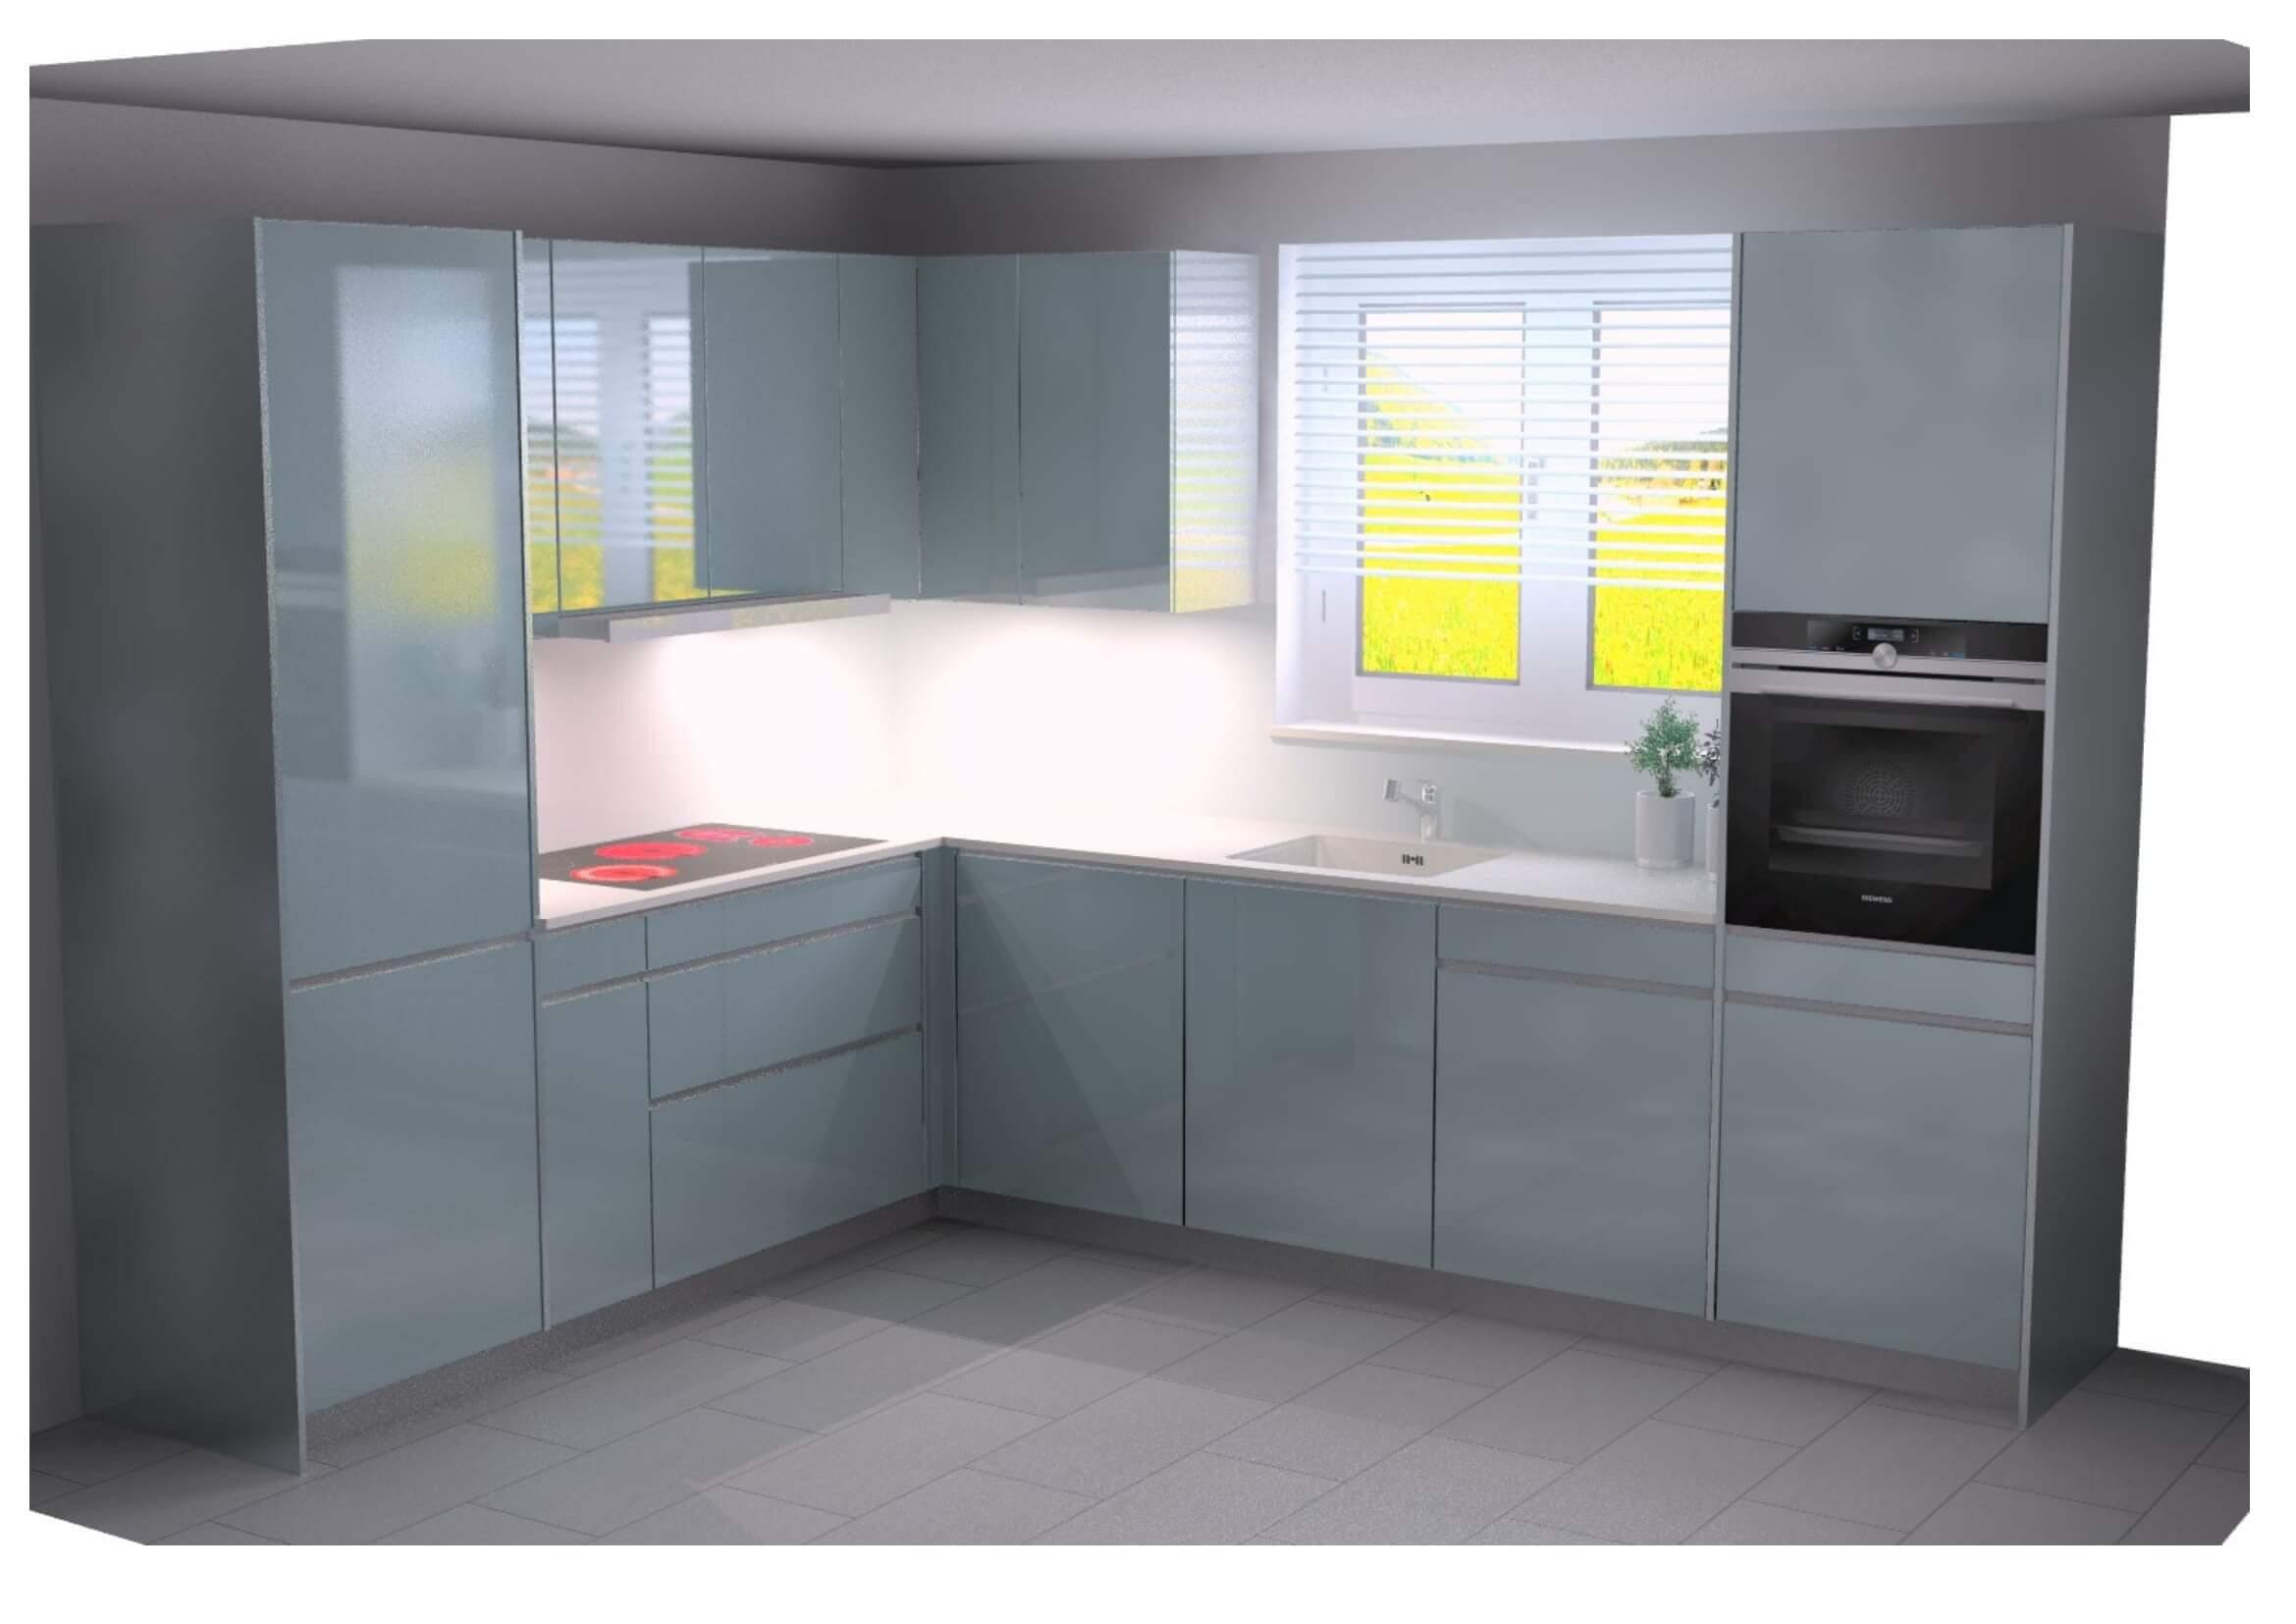 Full Size of Küche L Form Ebay Kleinanzeigen Küche L Form Mit Elektrogeräten Ikea Küche L Form Küche L Form Mit Kochinsel Küche Küche L Form